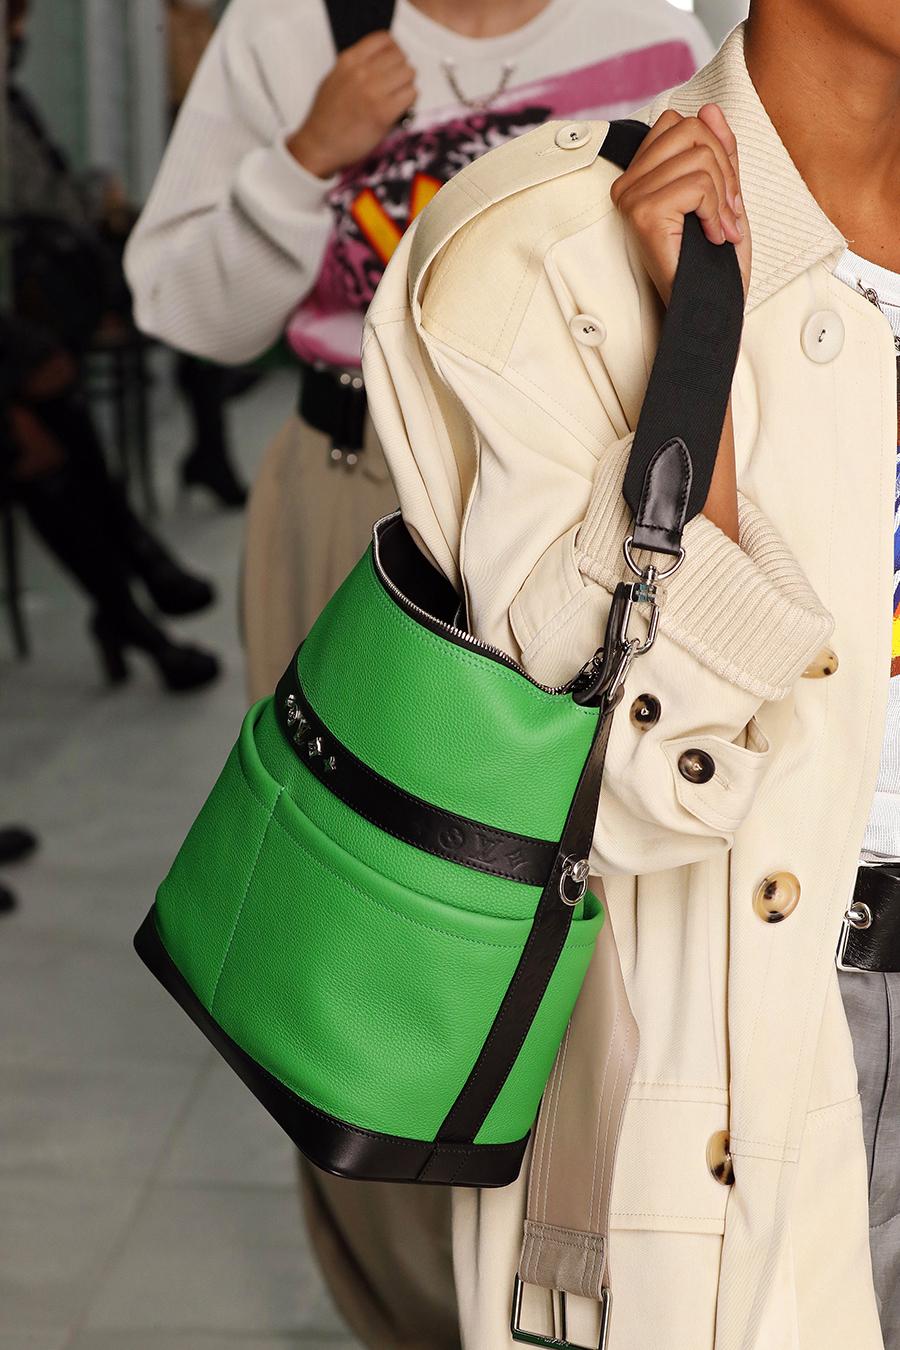 модная женская сумка лето 2021 клатч тоут шоппер пауч кожаная зеленая черная